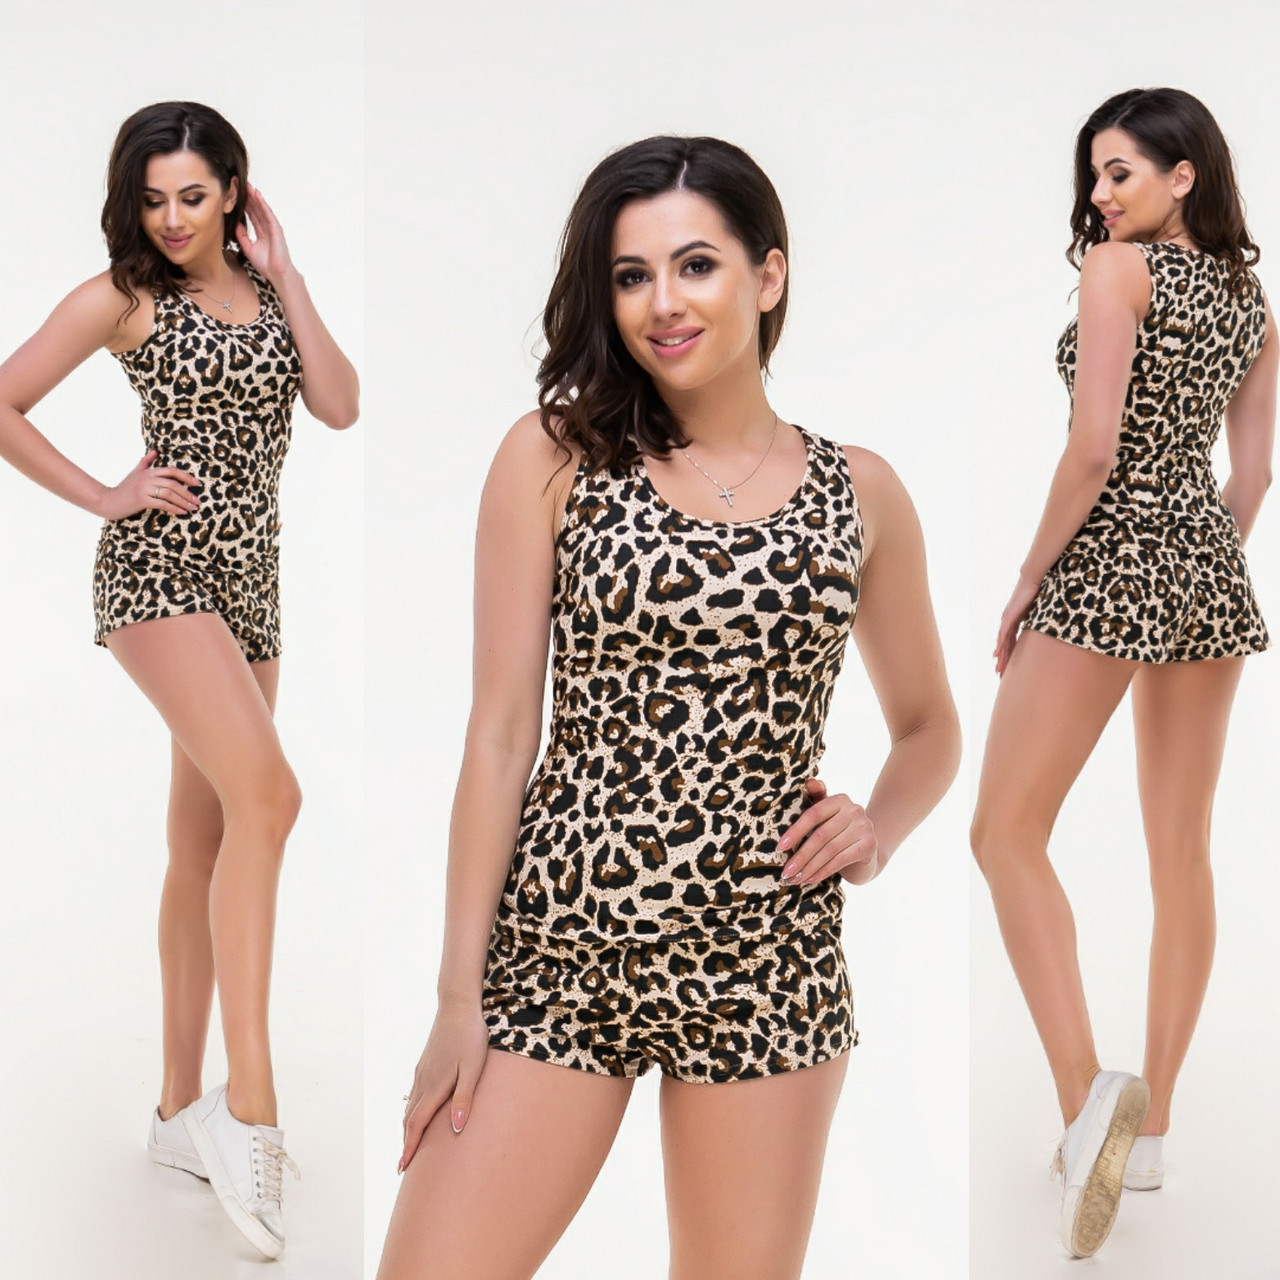 b20fec5df131 Леопардовый костюм: майка и шорты. Р-ры: 42-46, 46-48., цена 275 грн ...